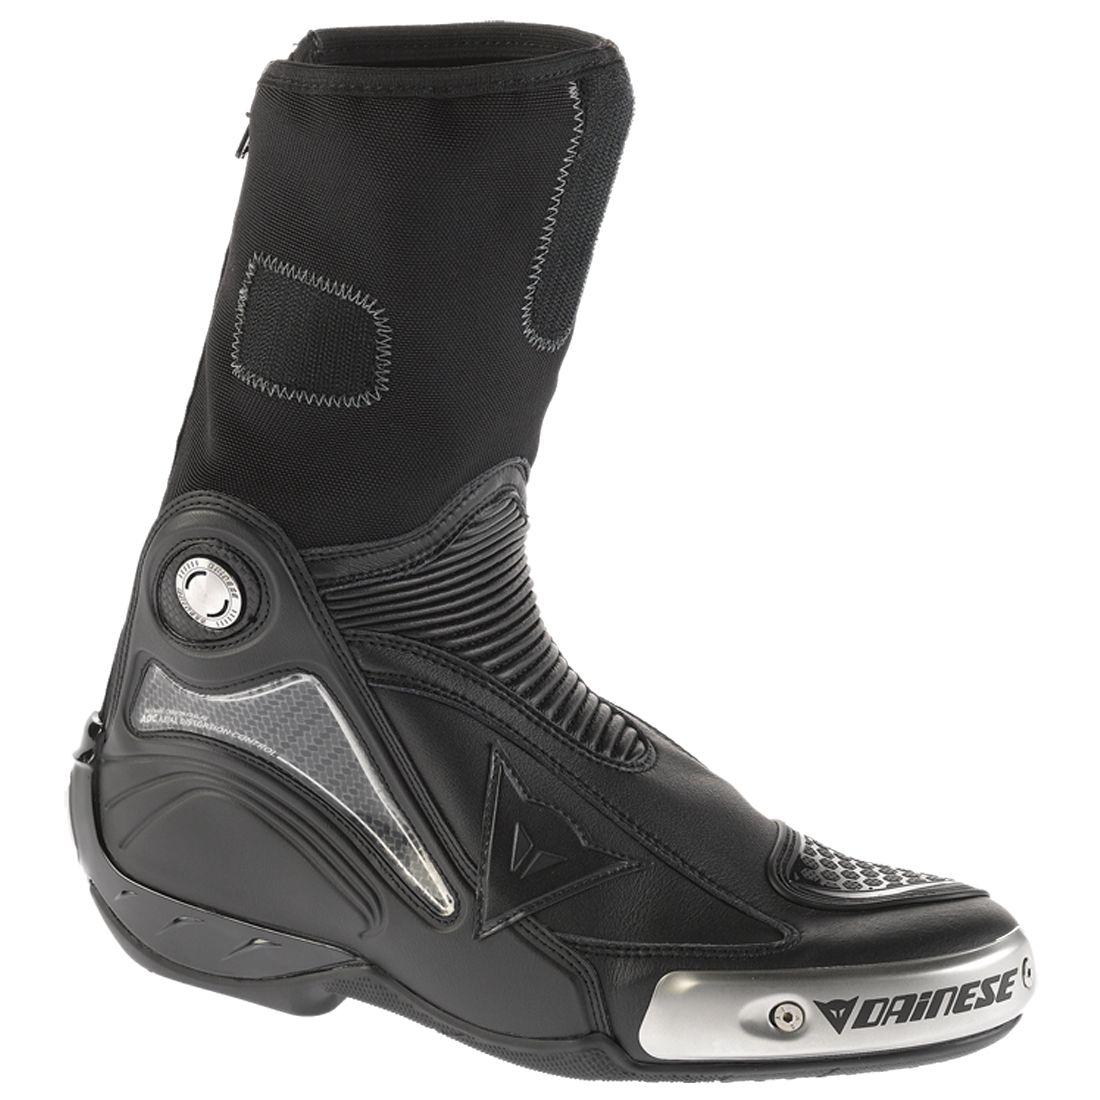 【DAINESE】AXIAL PRO IN 皮革車靴 - 「Webike-摩托百貨」